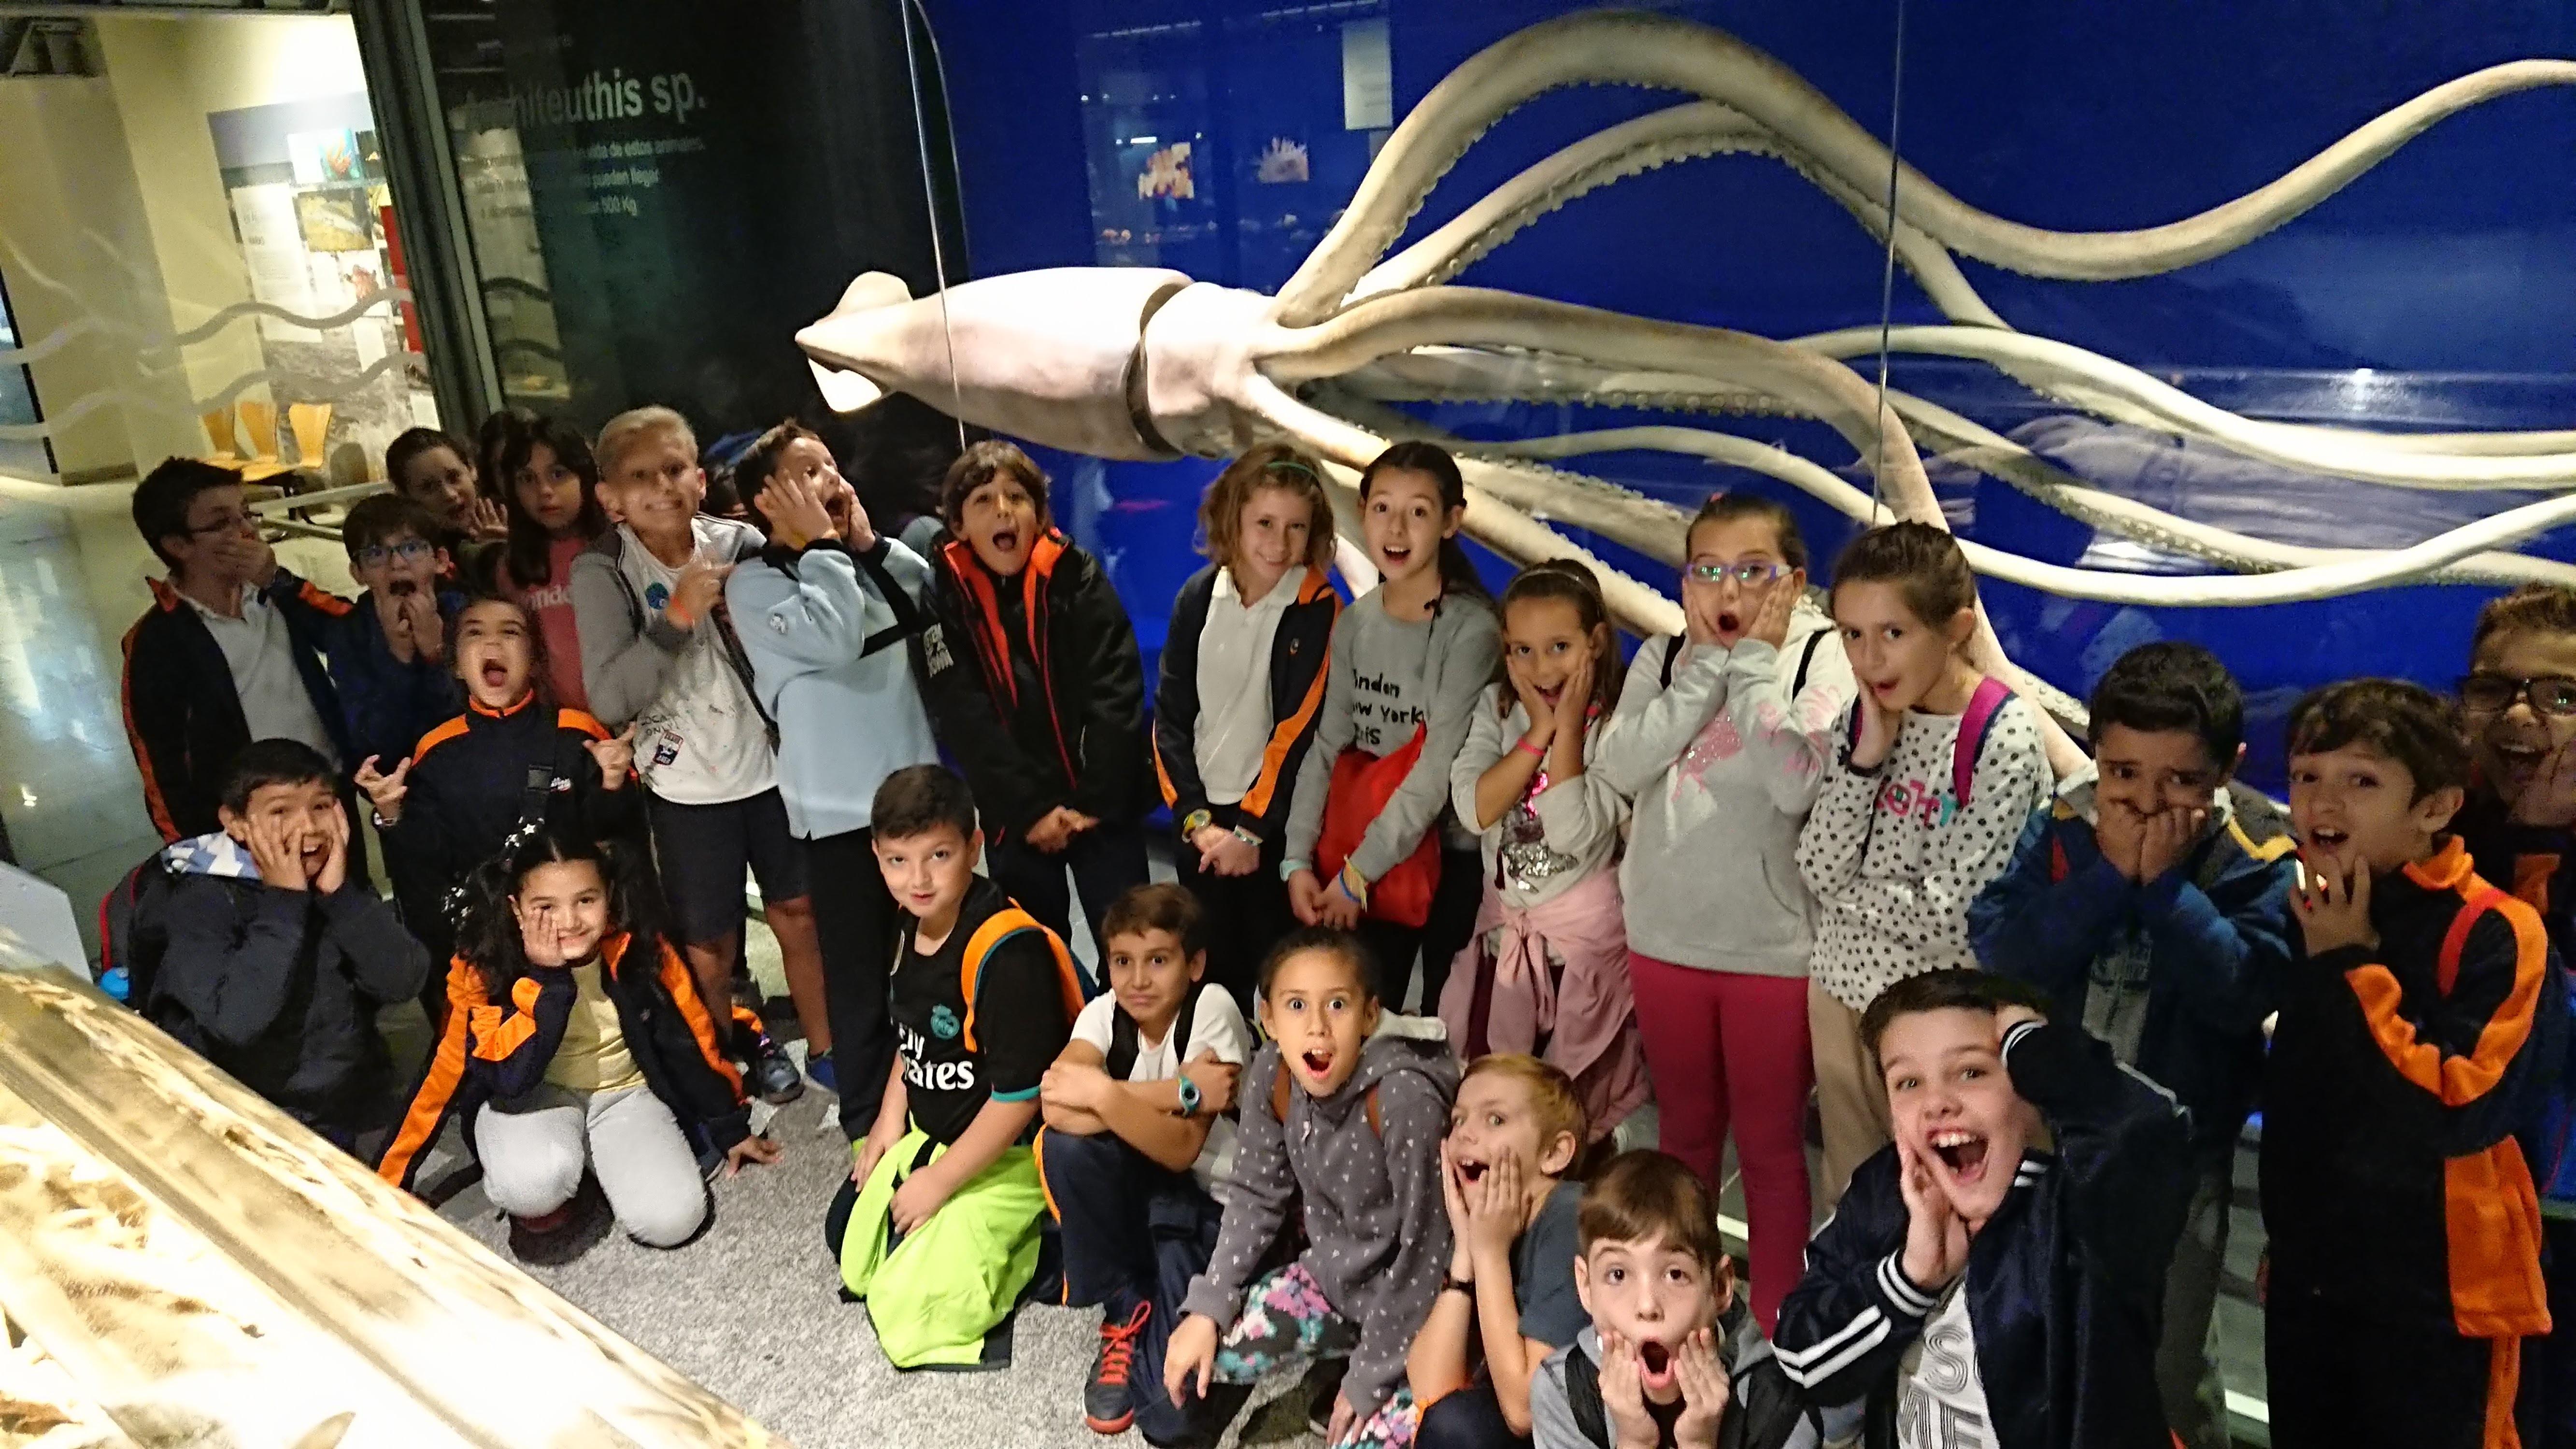 Excursión al museo de ciencias 3